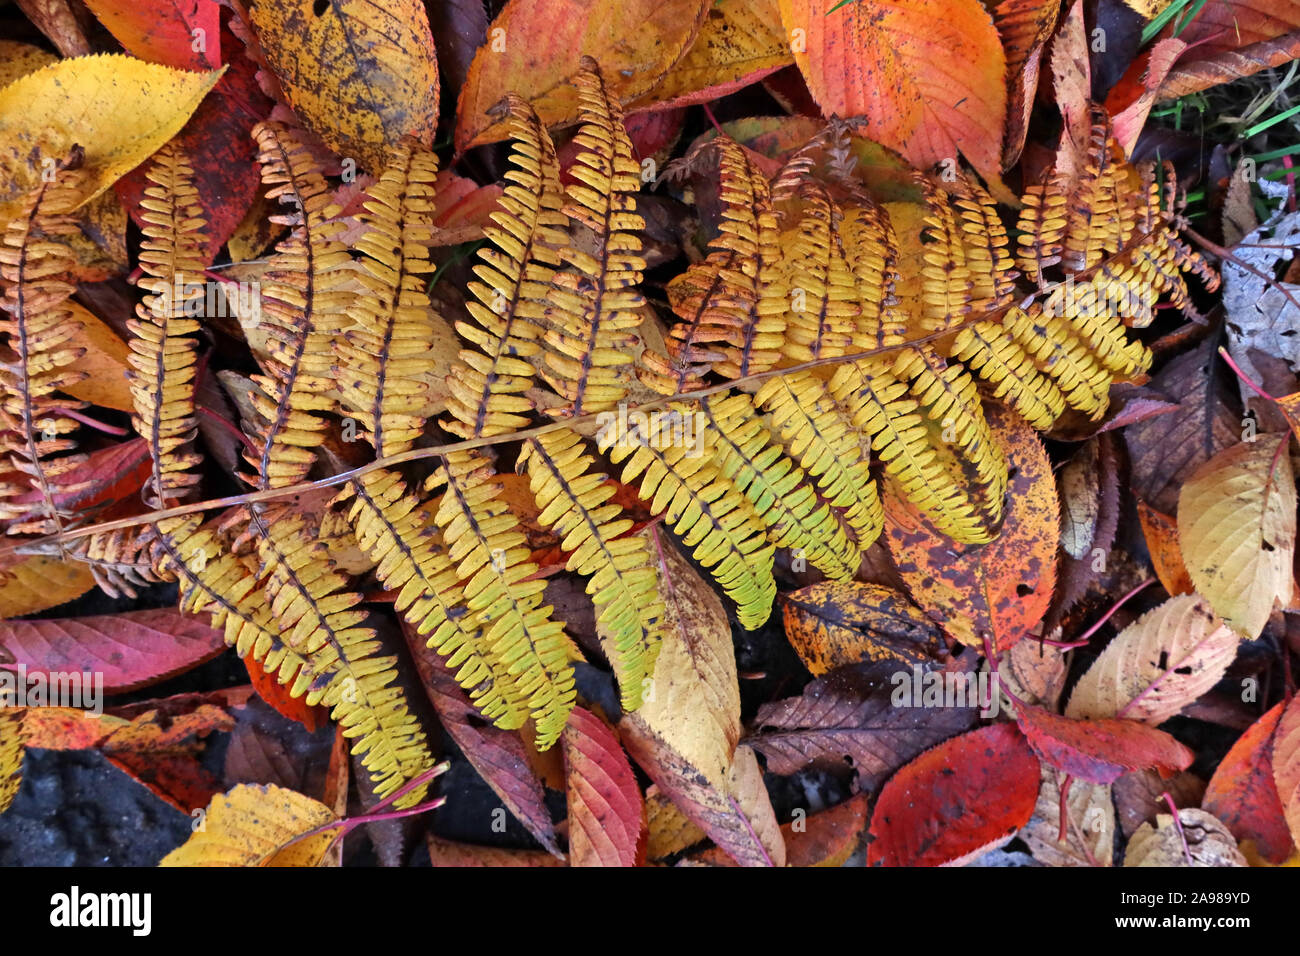 HotpixUK,@HotpixUK,GoTonySmith,Cheshire,England,Warrington,UK,Fern,WA4,Autumn Leaves,Sycamore Leaf,leaves on leaves,Sycamore Leaves,fall